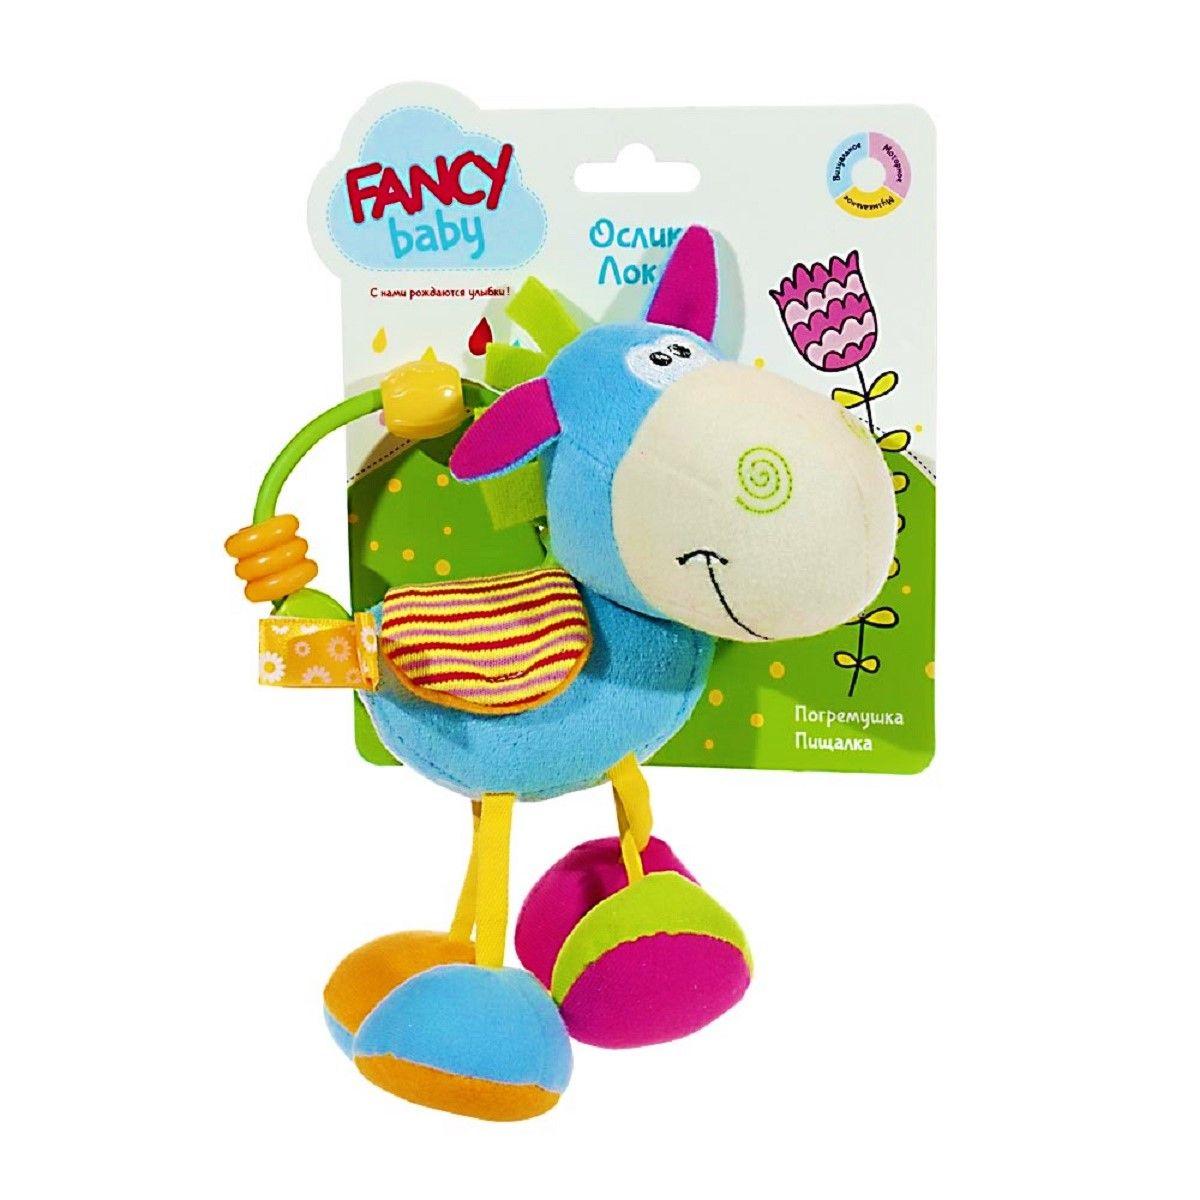 Fancy Развивающая игрушка Ослик ЛокиDONK0Развивающая игрушка с элементами: погремушка, пищалка, шуршалки, держатель с бусинами.